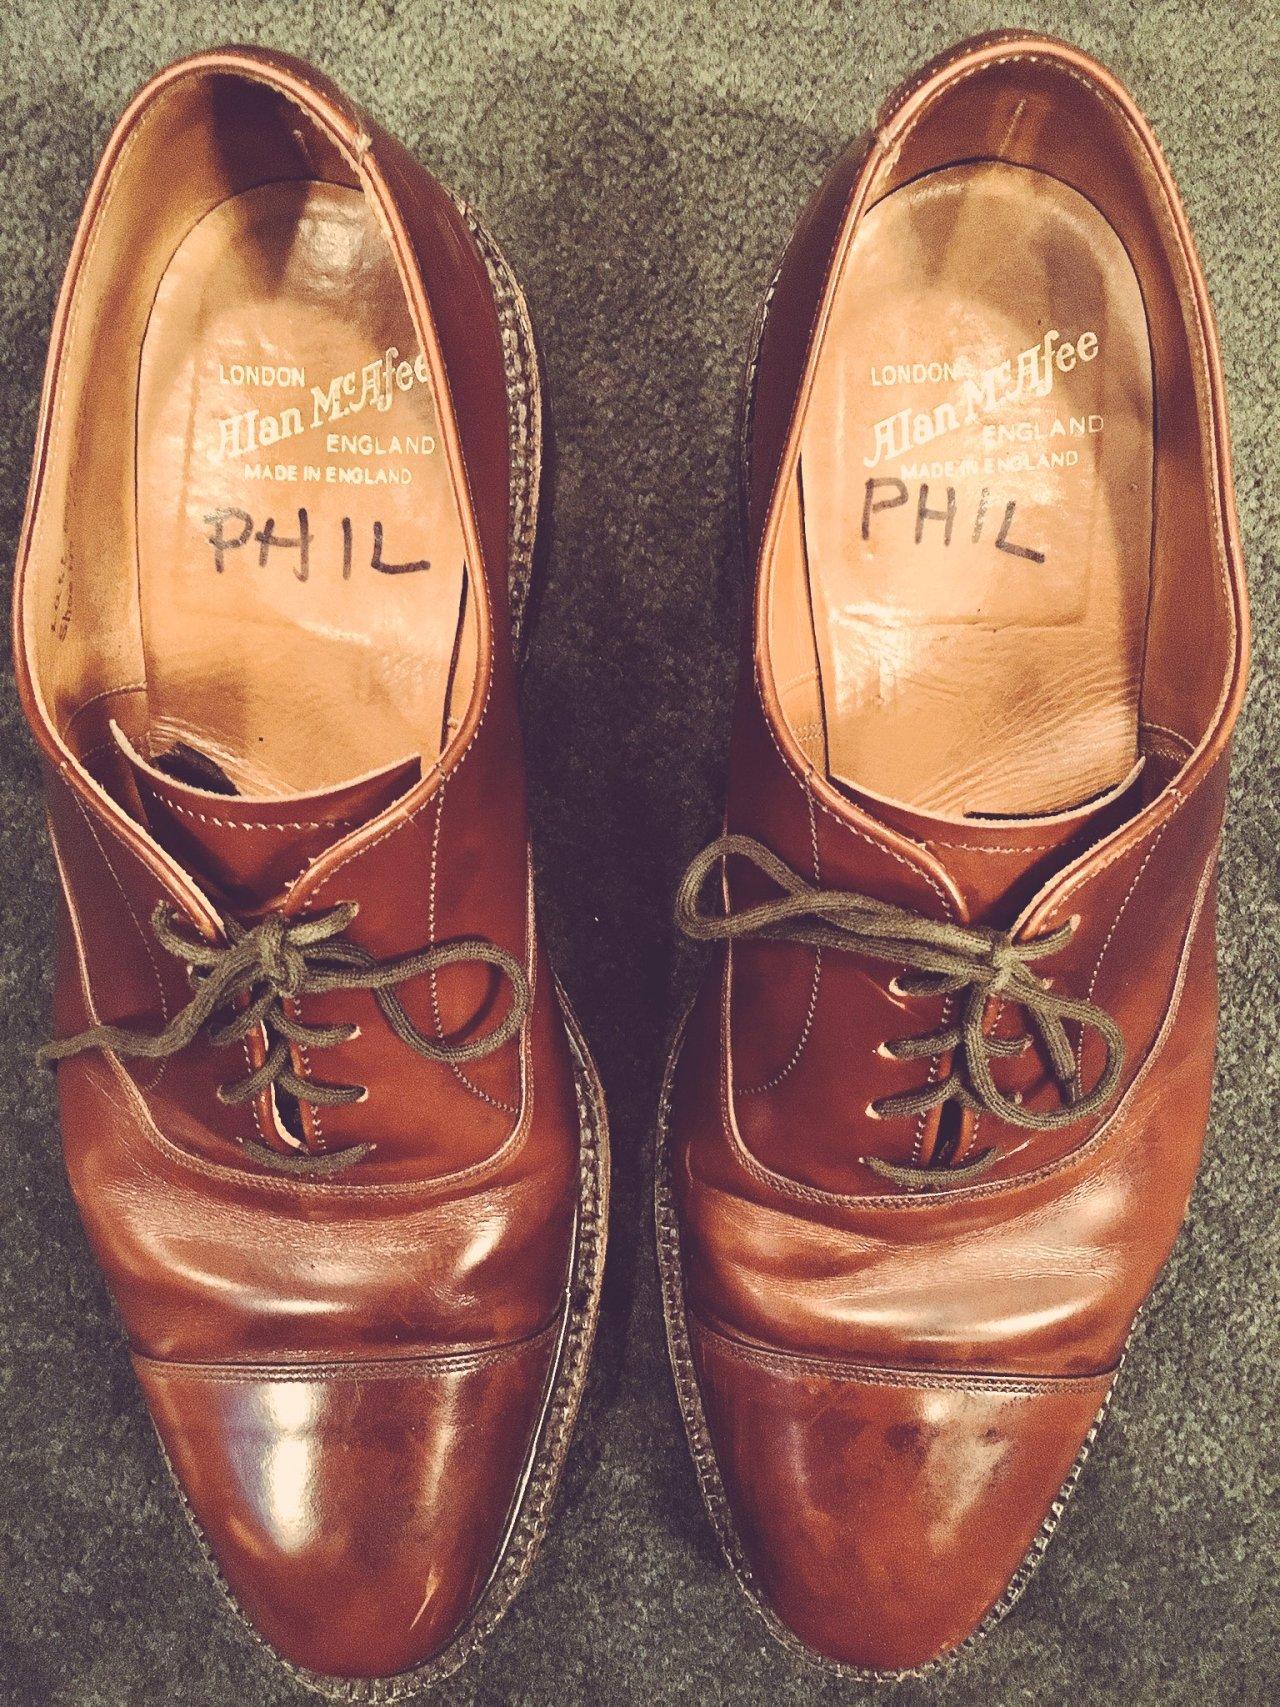 Phil Hartman's shoes, in SNL's wardrobe department.